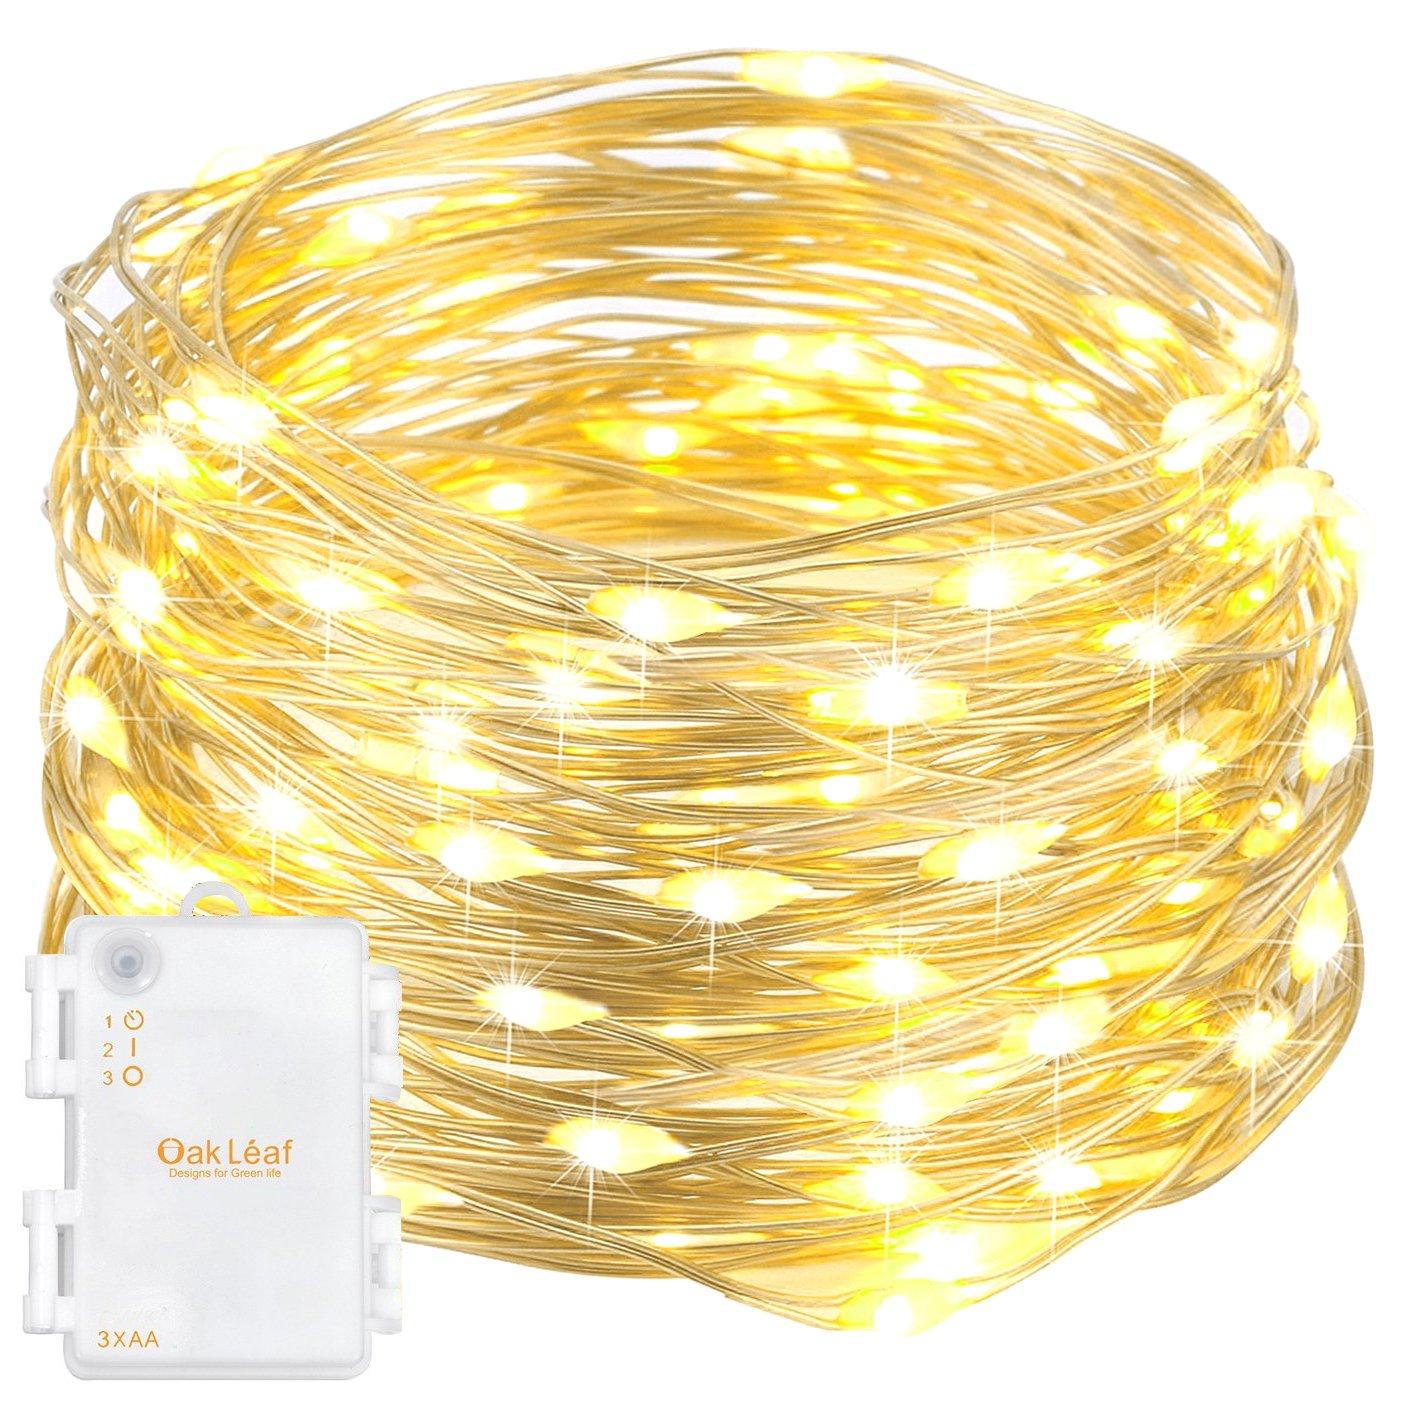 Christmas Tree Lights: Amazon.com